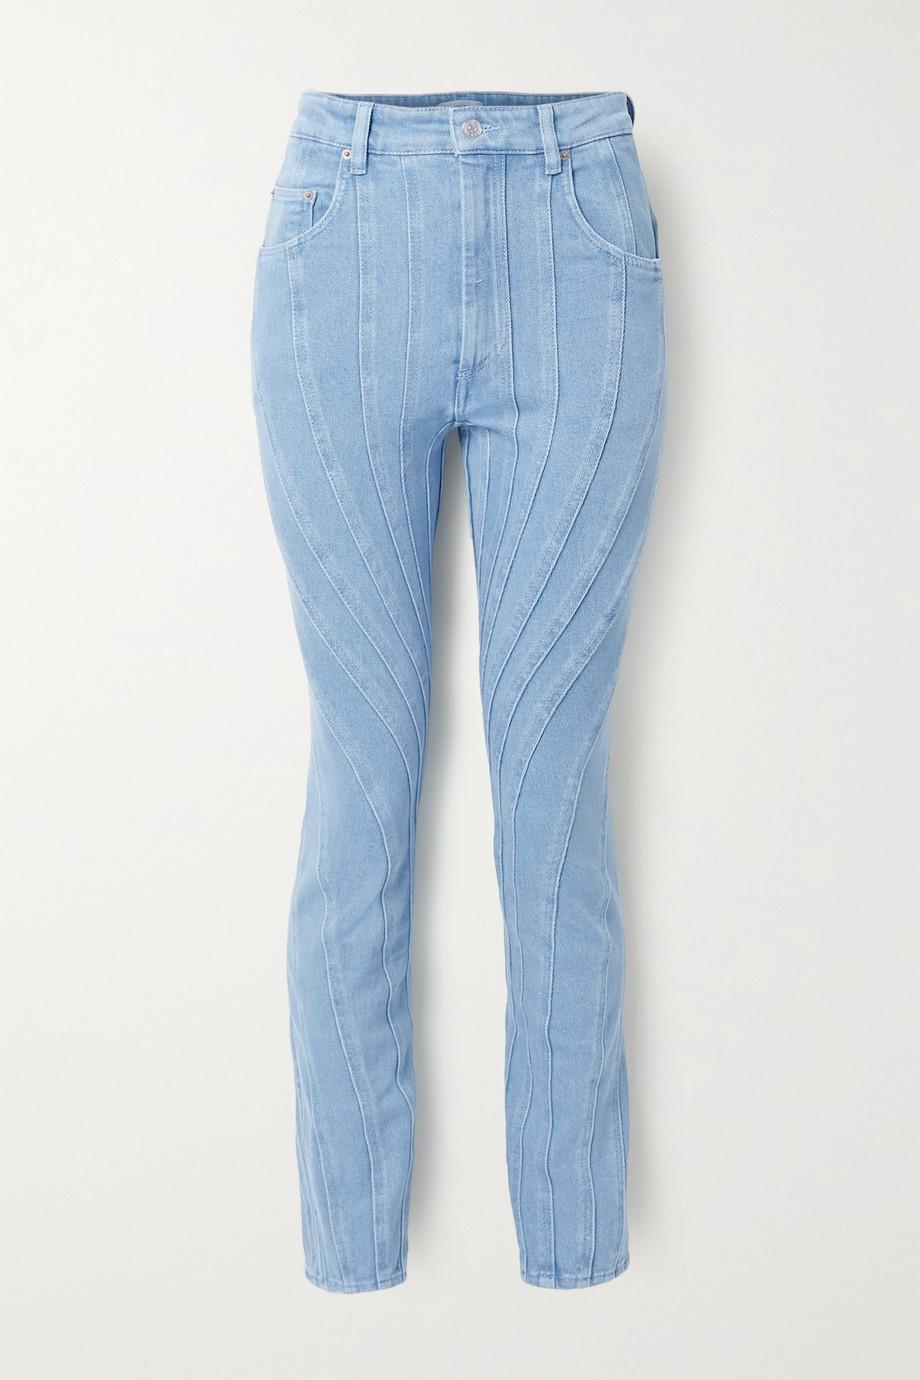 Mugler Paneled high-rise slim-leg jeans